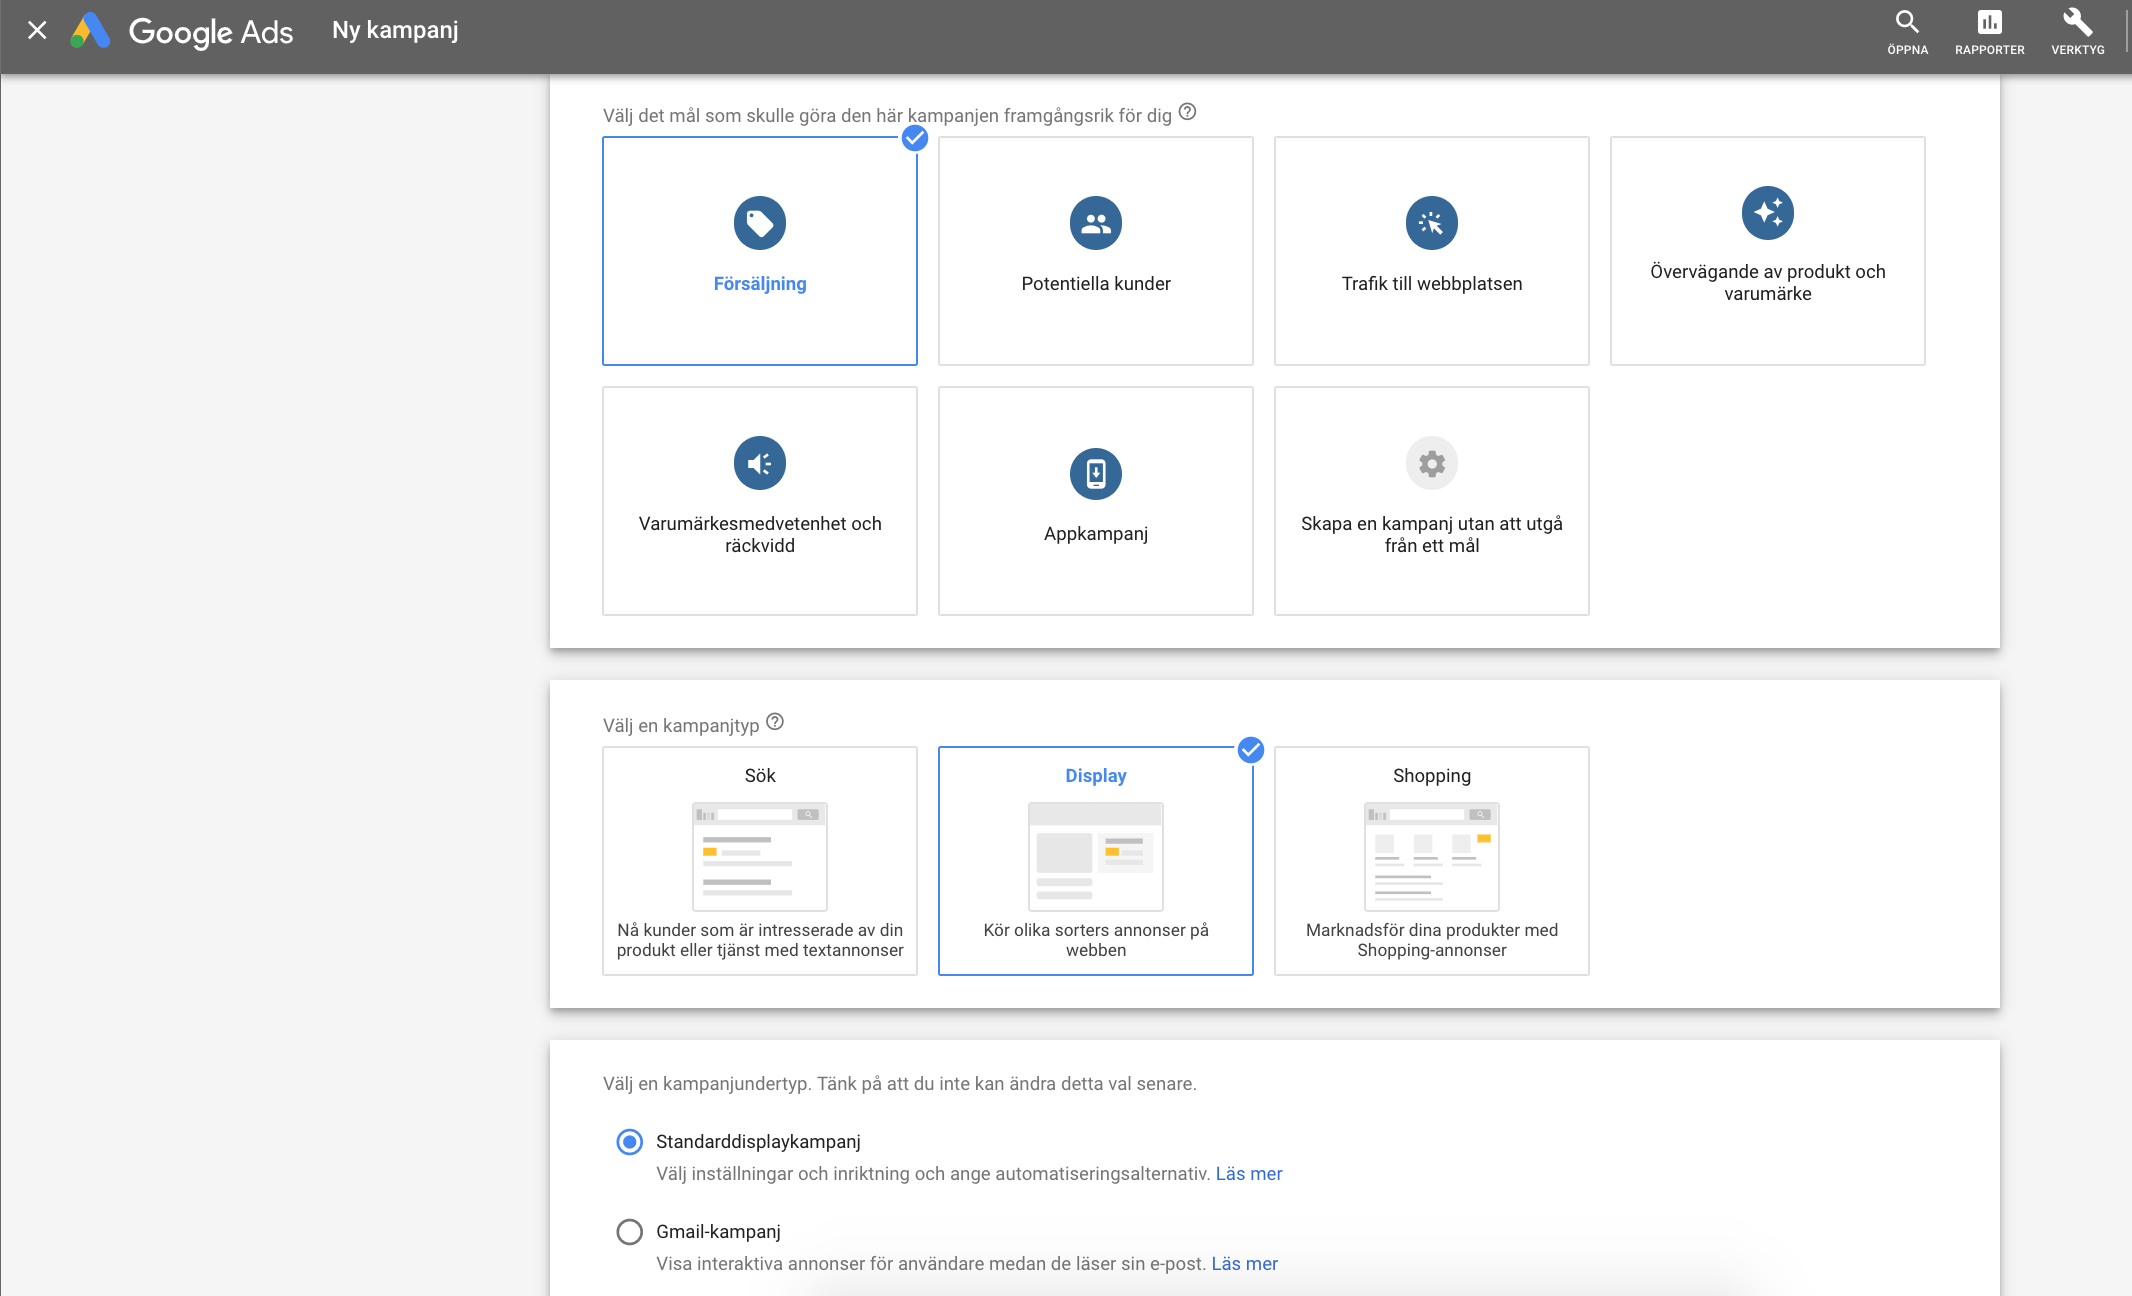 Kampanj i Googles displaynätverk